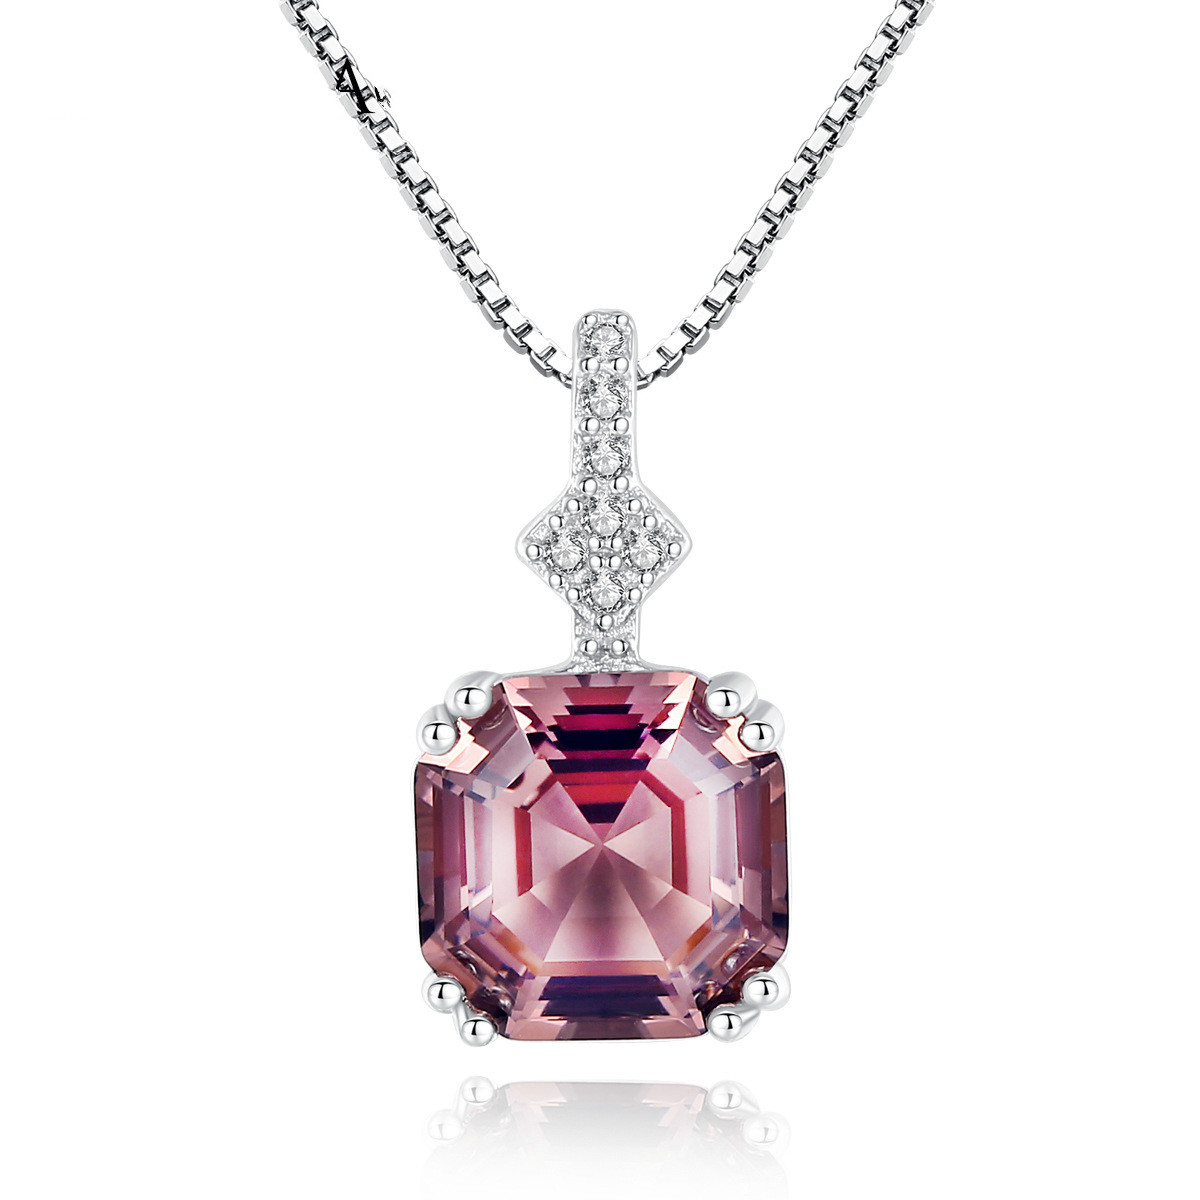 HAIMIS Благородный белый/фиолетовый CZ S925 серебро кулон ожерелье для женщин подарок на день рождения